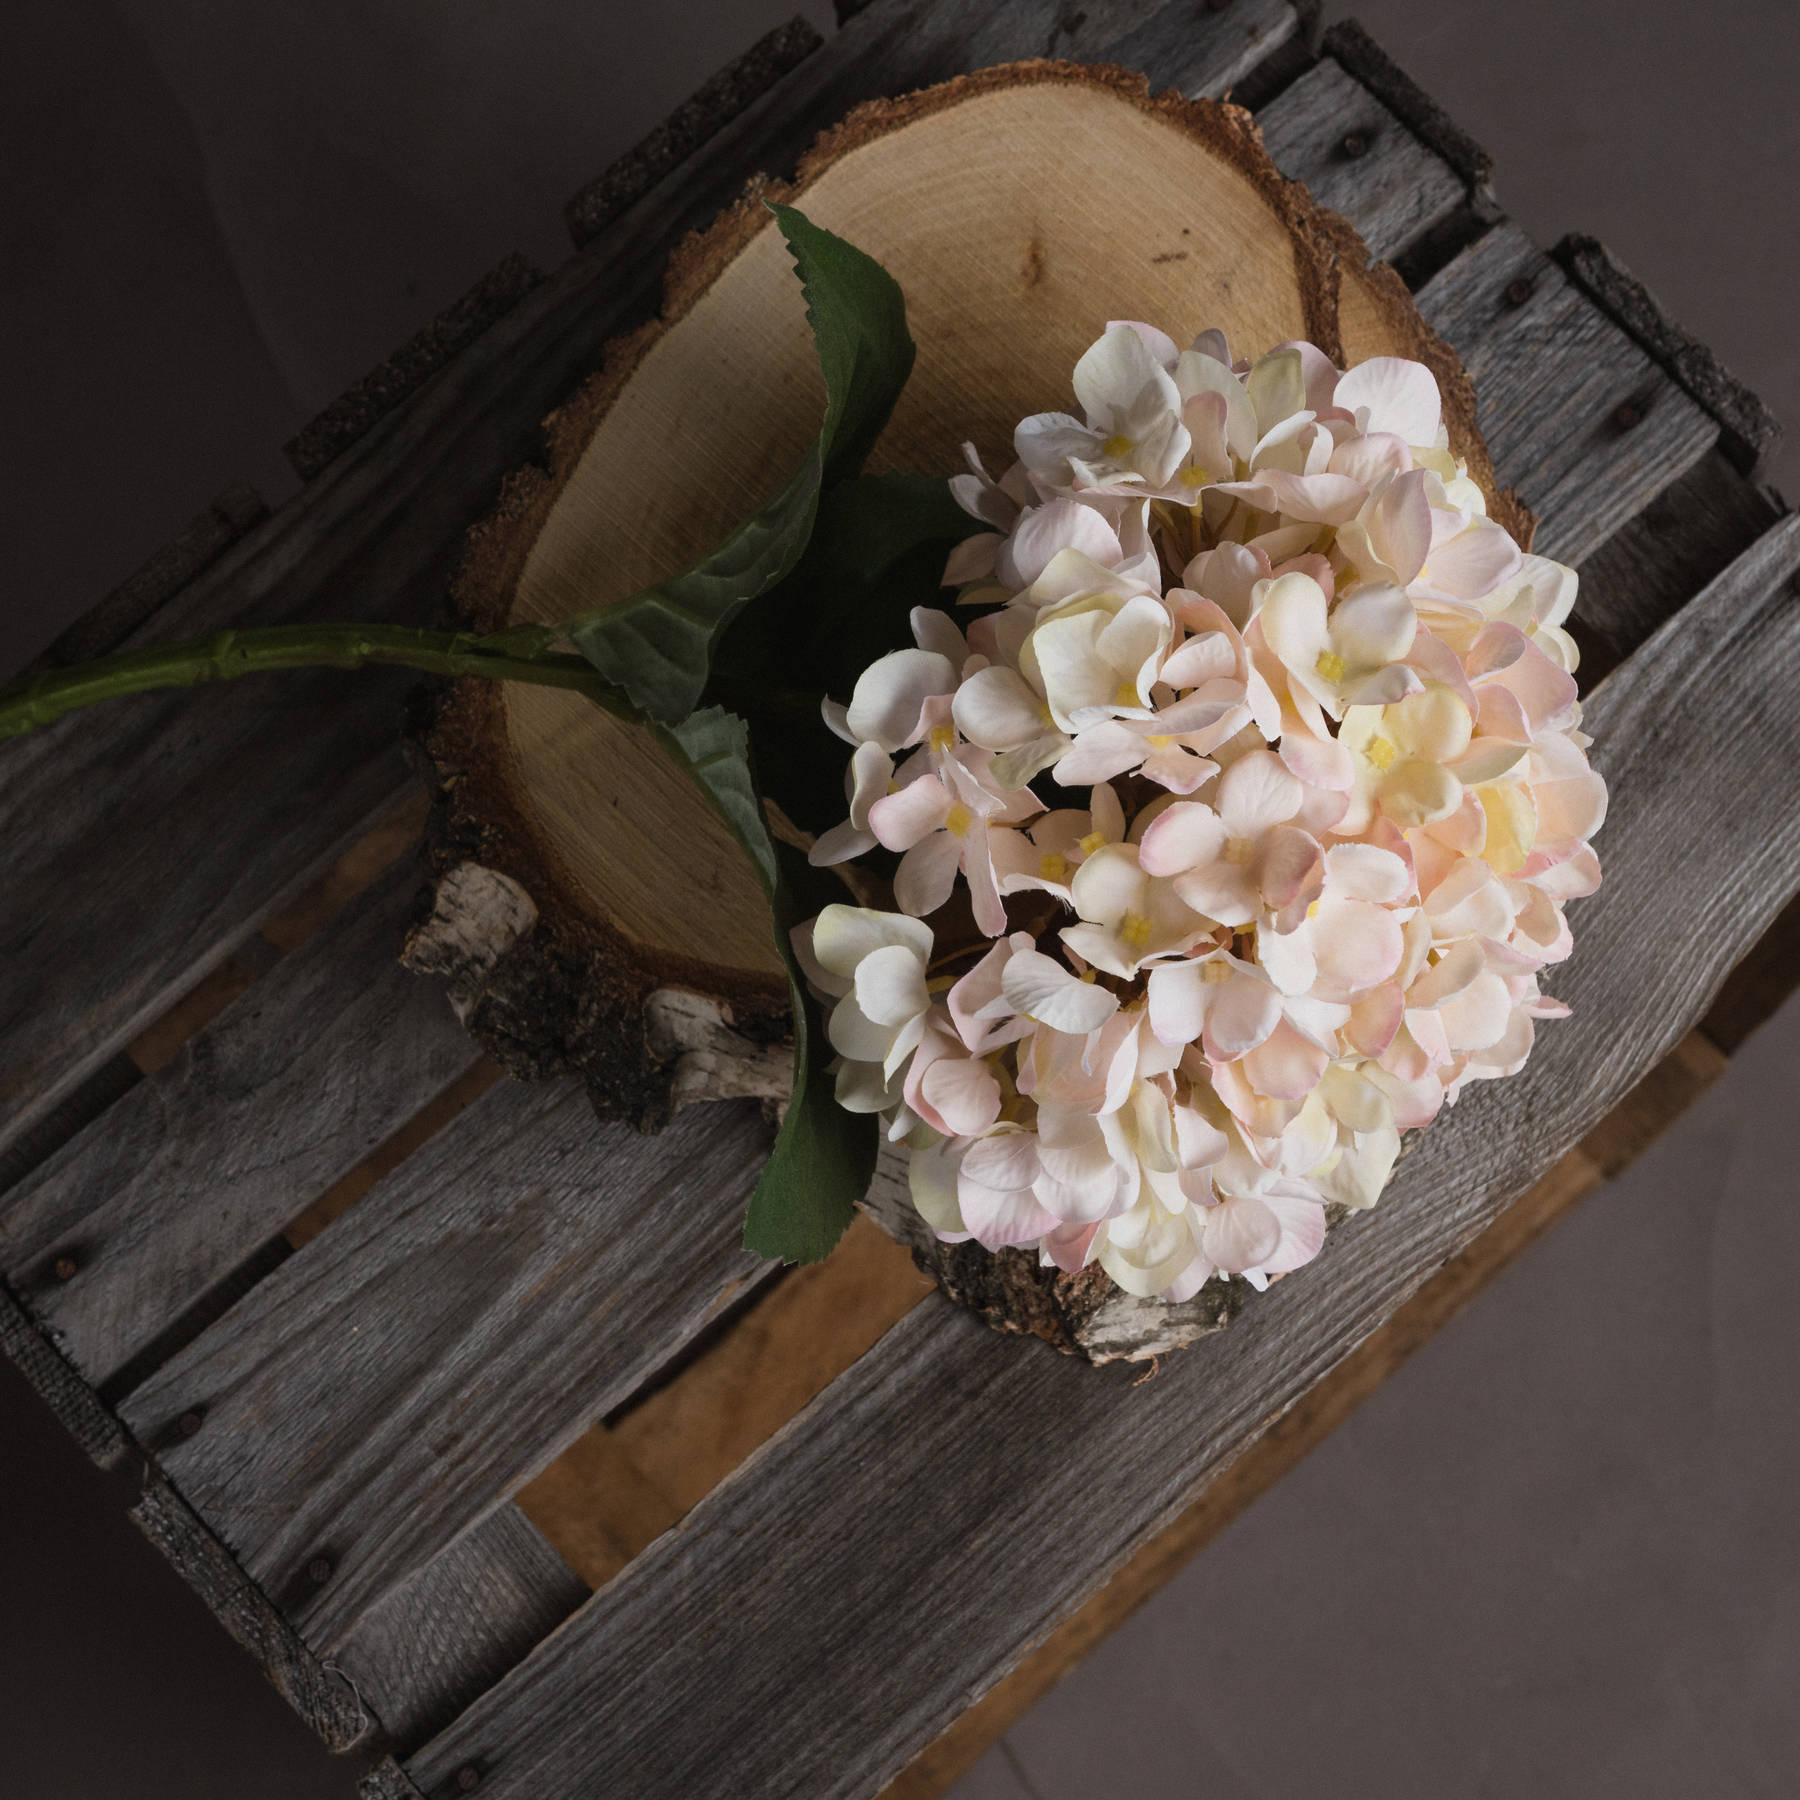 Autumn White Hydrangea - Image 2